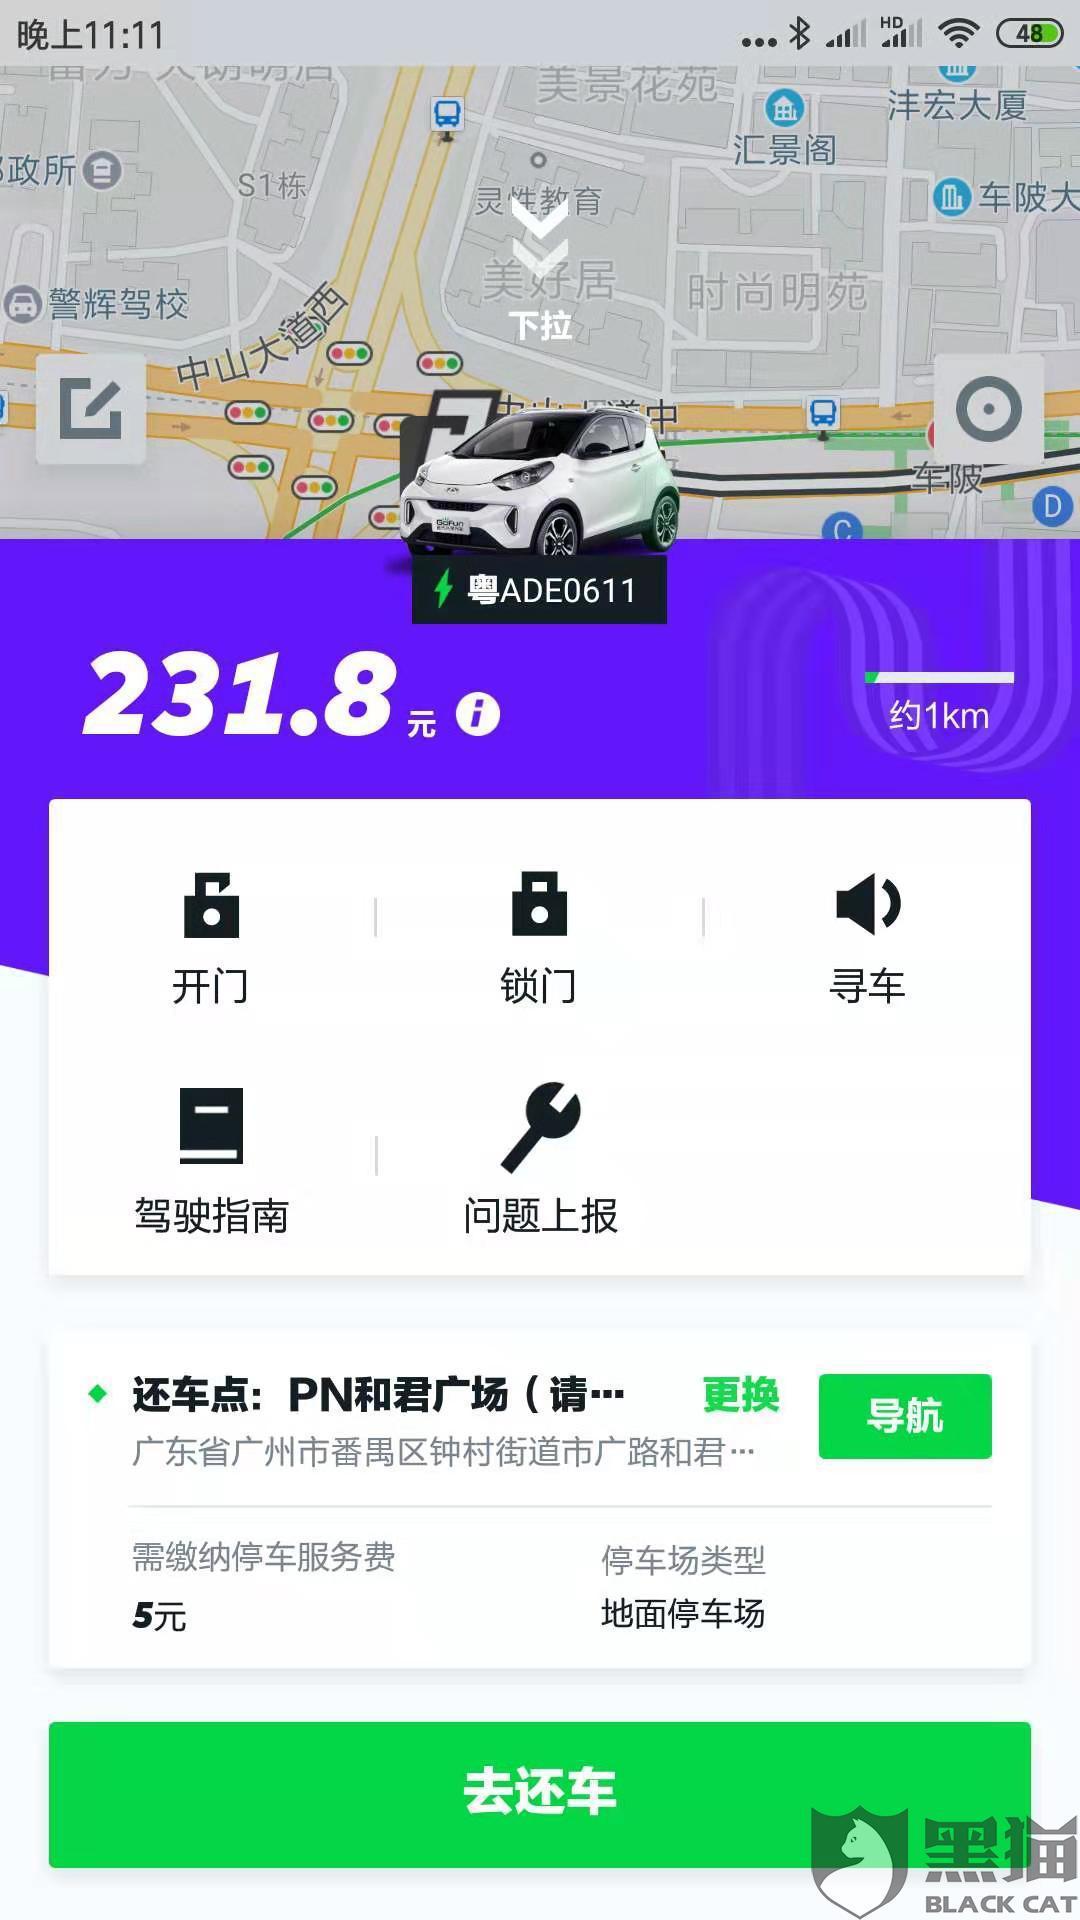 黑猫投诉:Gofun出行,车在主干道无故出故障,联系客服但不处理